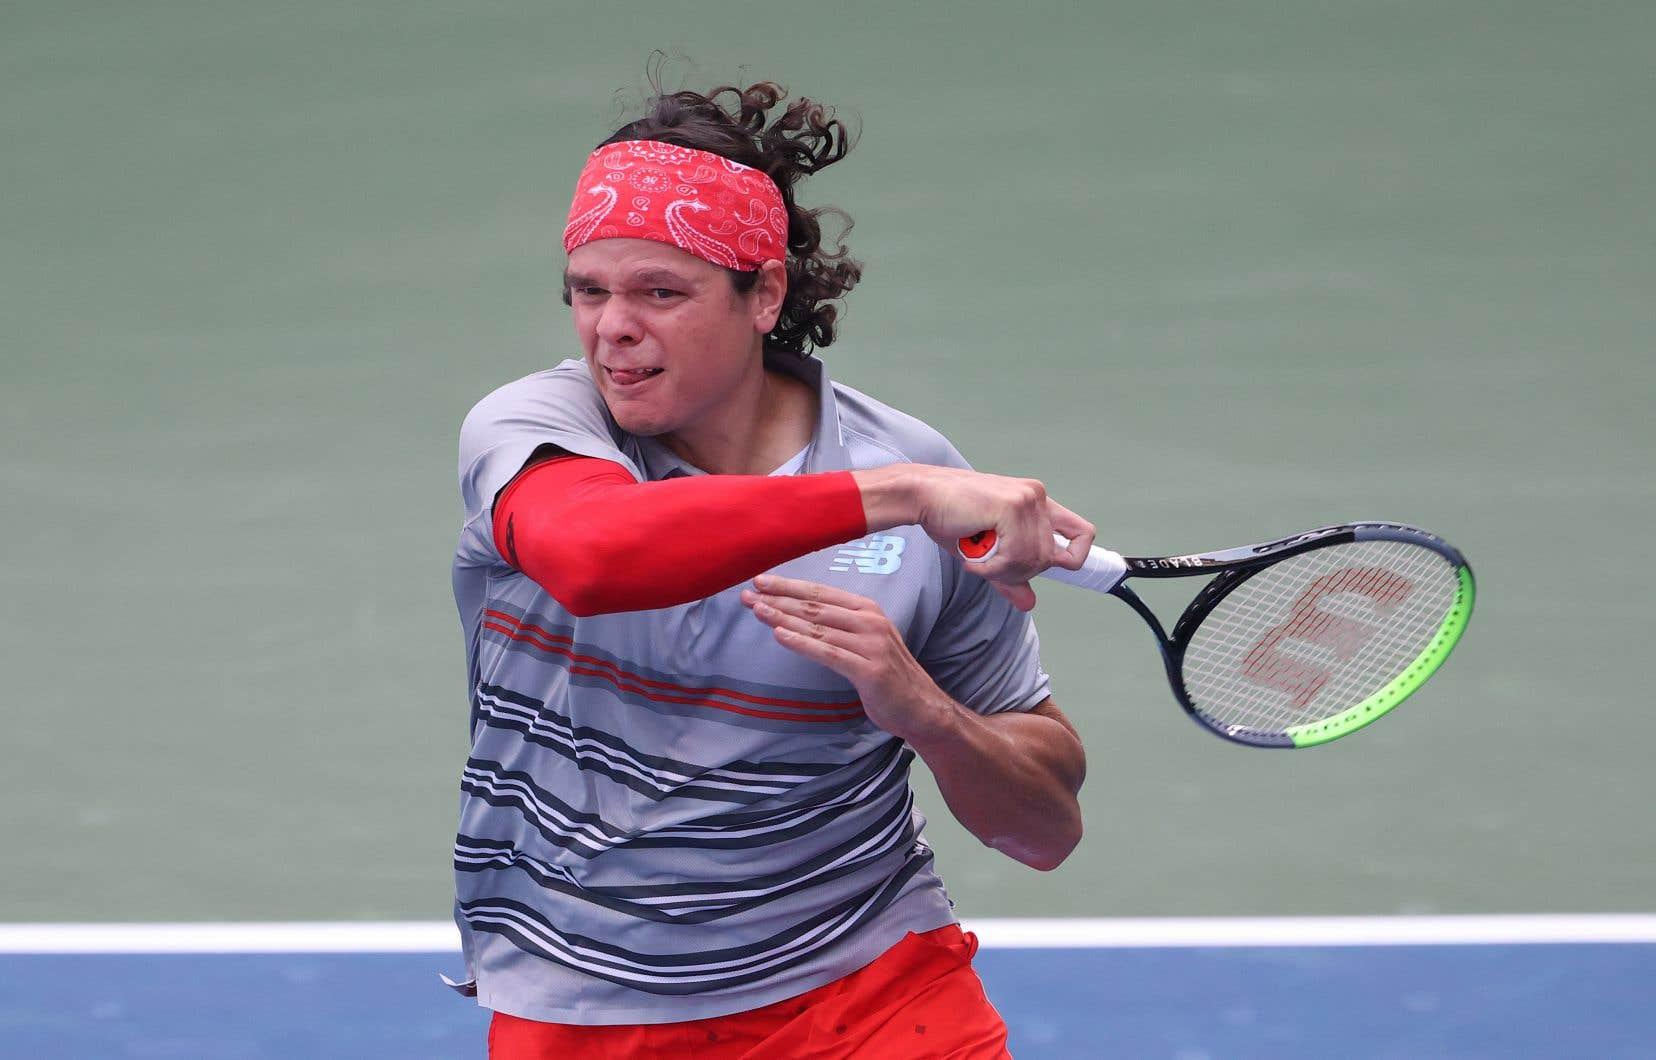 Au prochain tour, Raonic fera face au Français Pierre-Hugues Herbert, vainqueur de l'Américain Tennys Sandgren 2-6, 6-4, 7-6 (4).